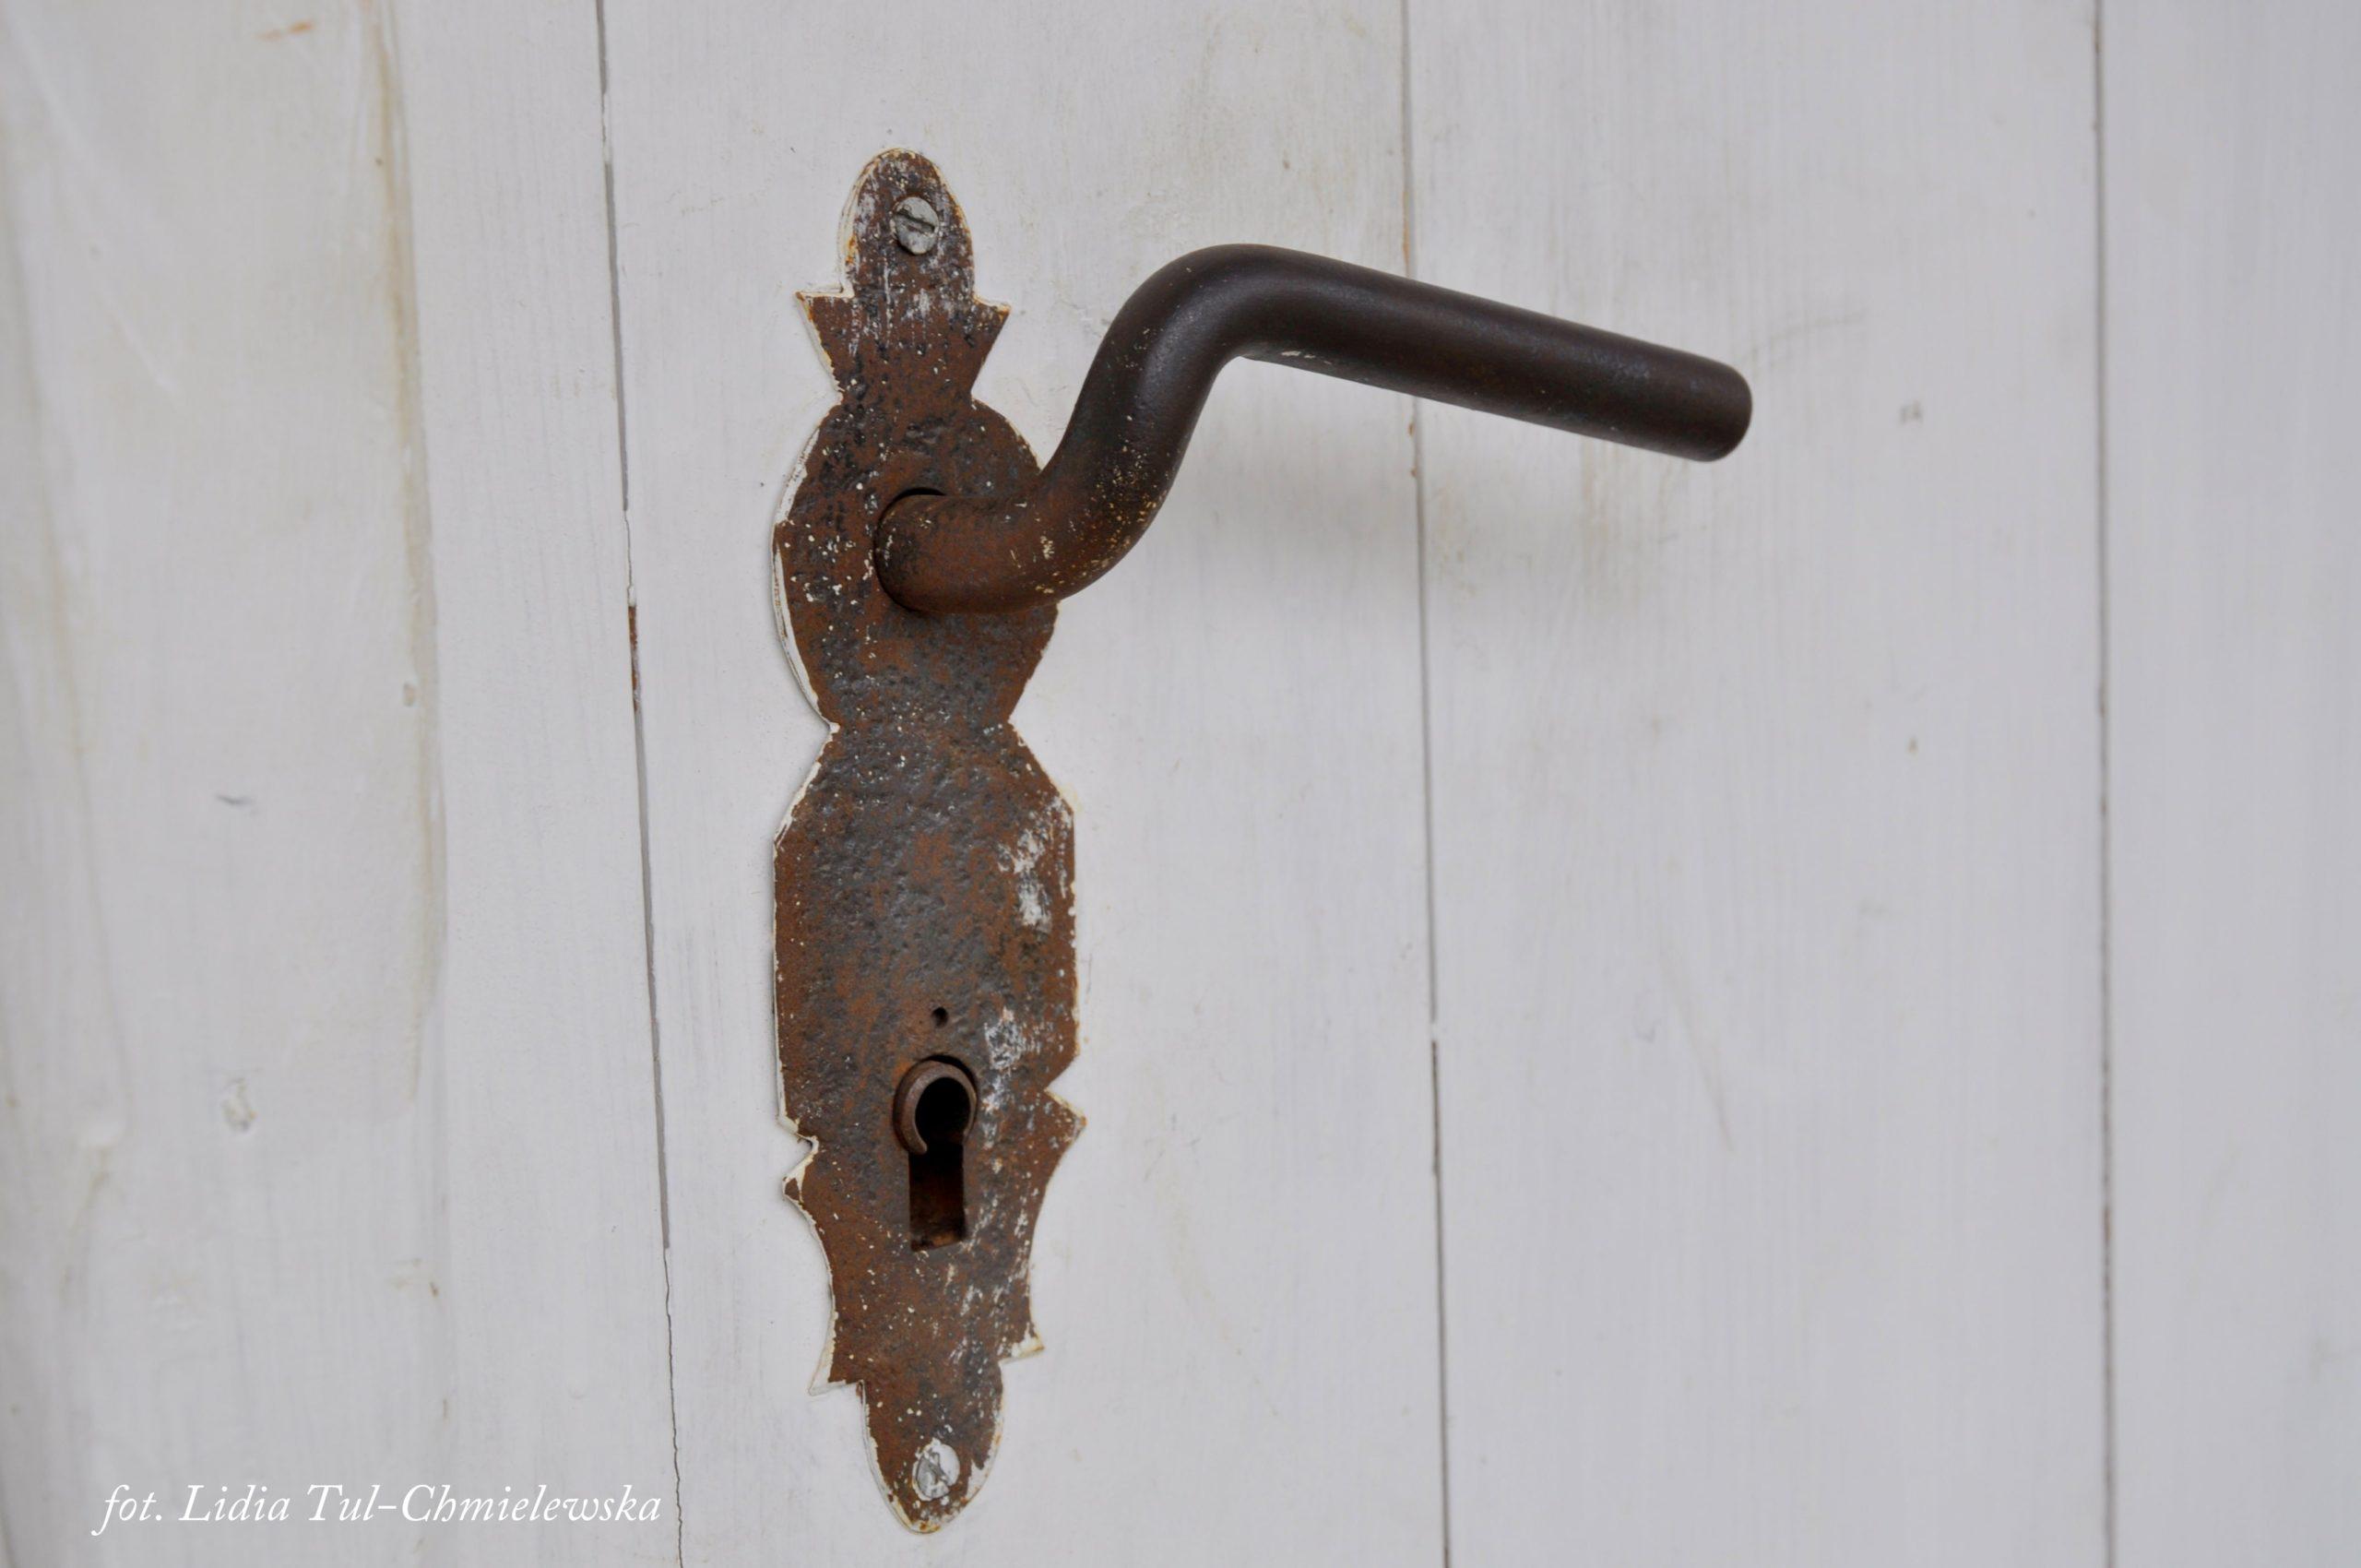 Drzwi i klamka/ fot. Lidia Tul-Chmielewska